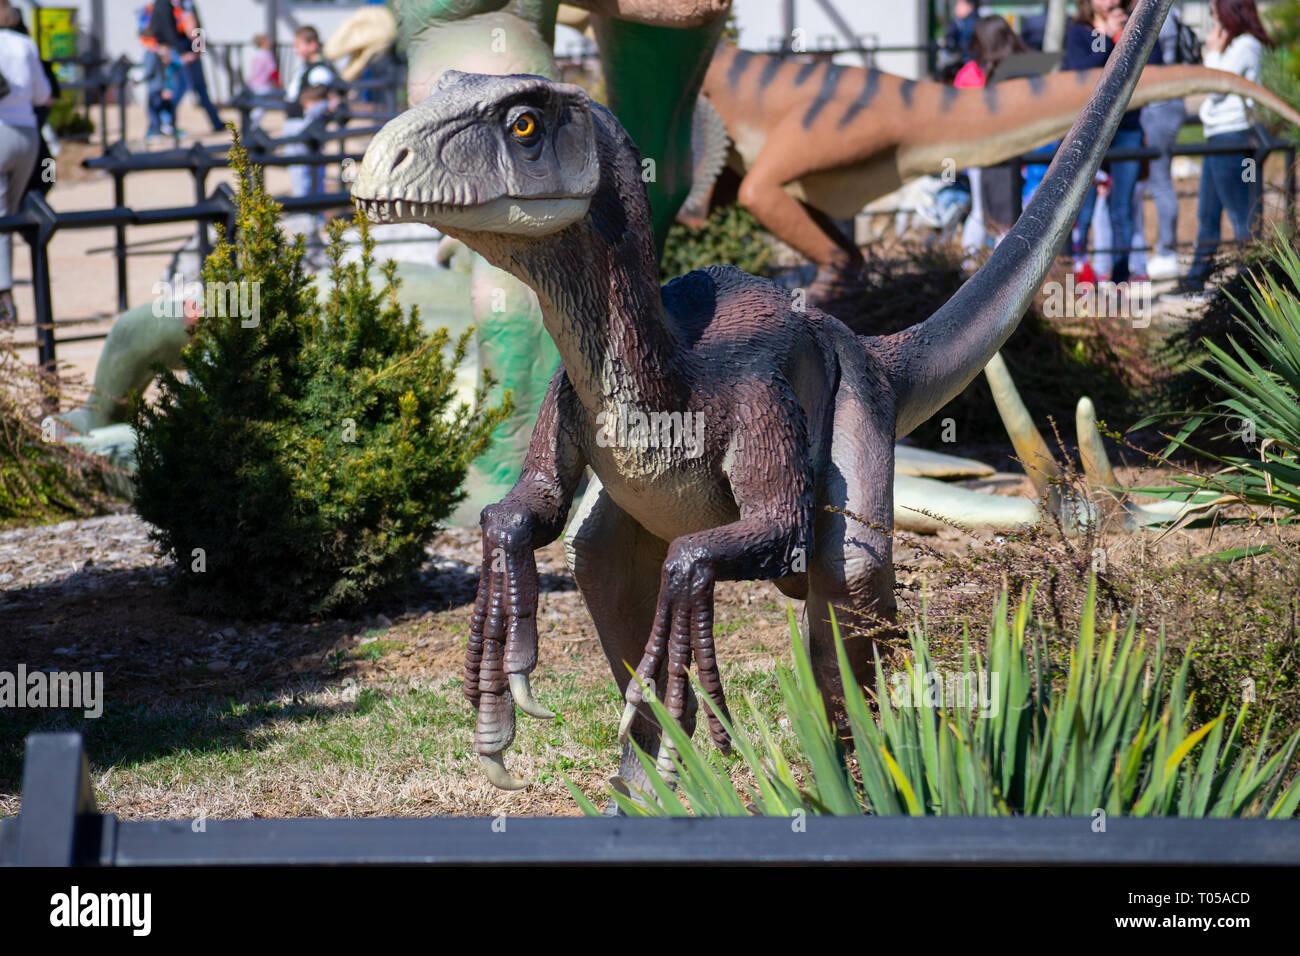 People visit the dino park Dinosville in Svilajnac, Serbia. - Stock Image